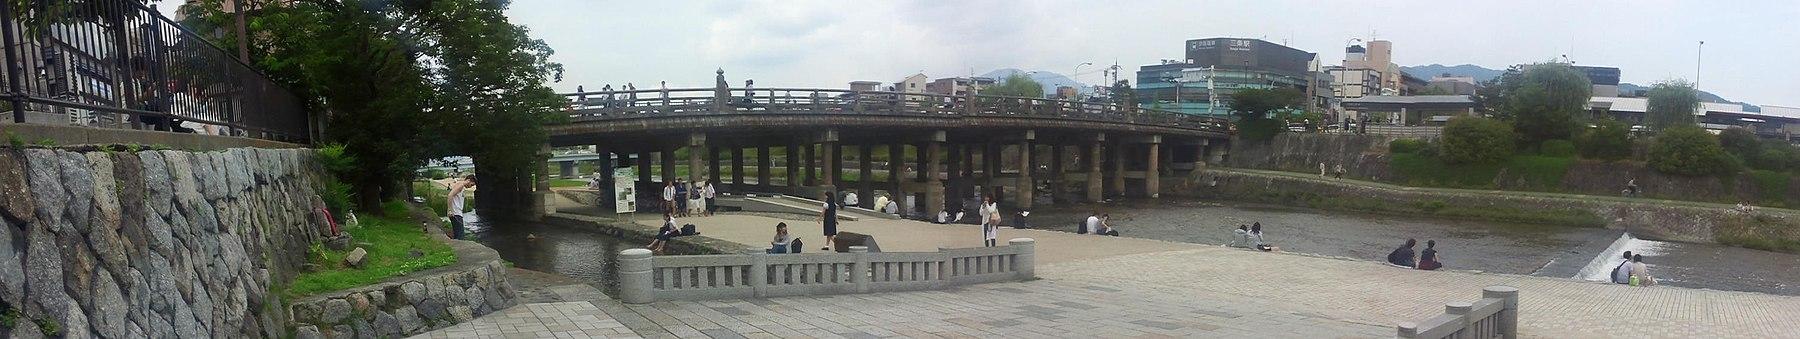 Kamo-gawa River - Panorama2.jpg